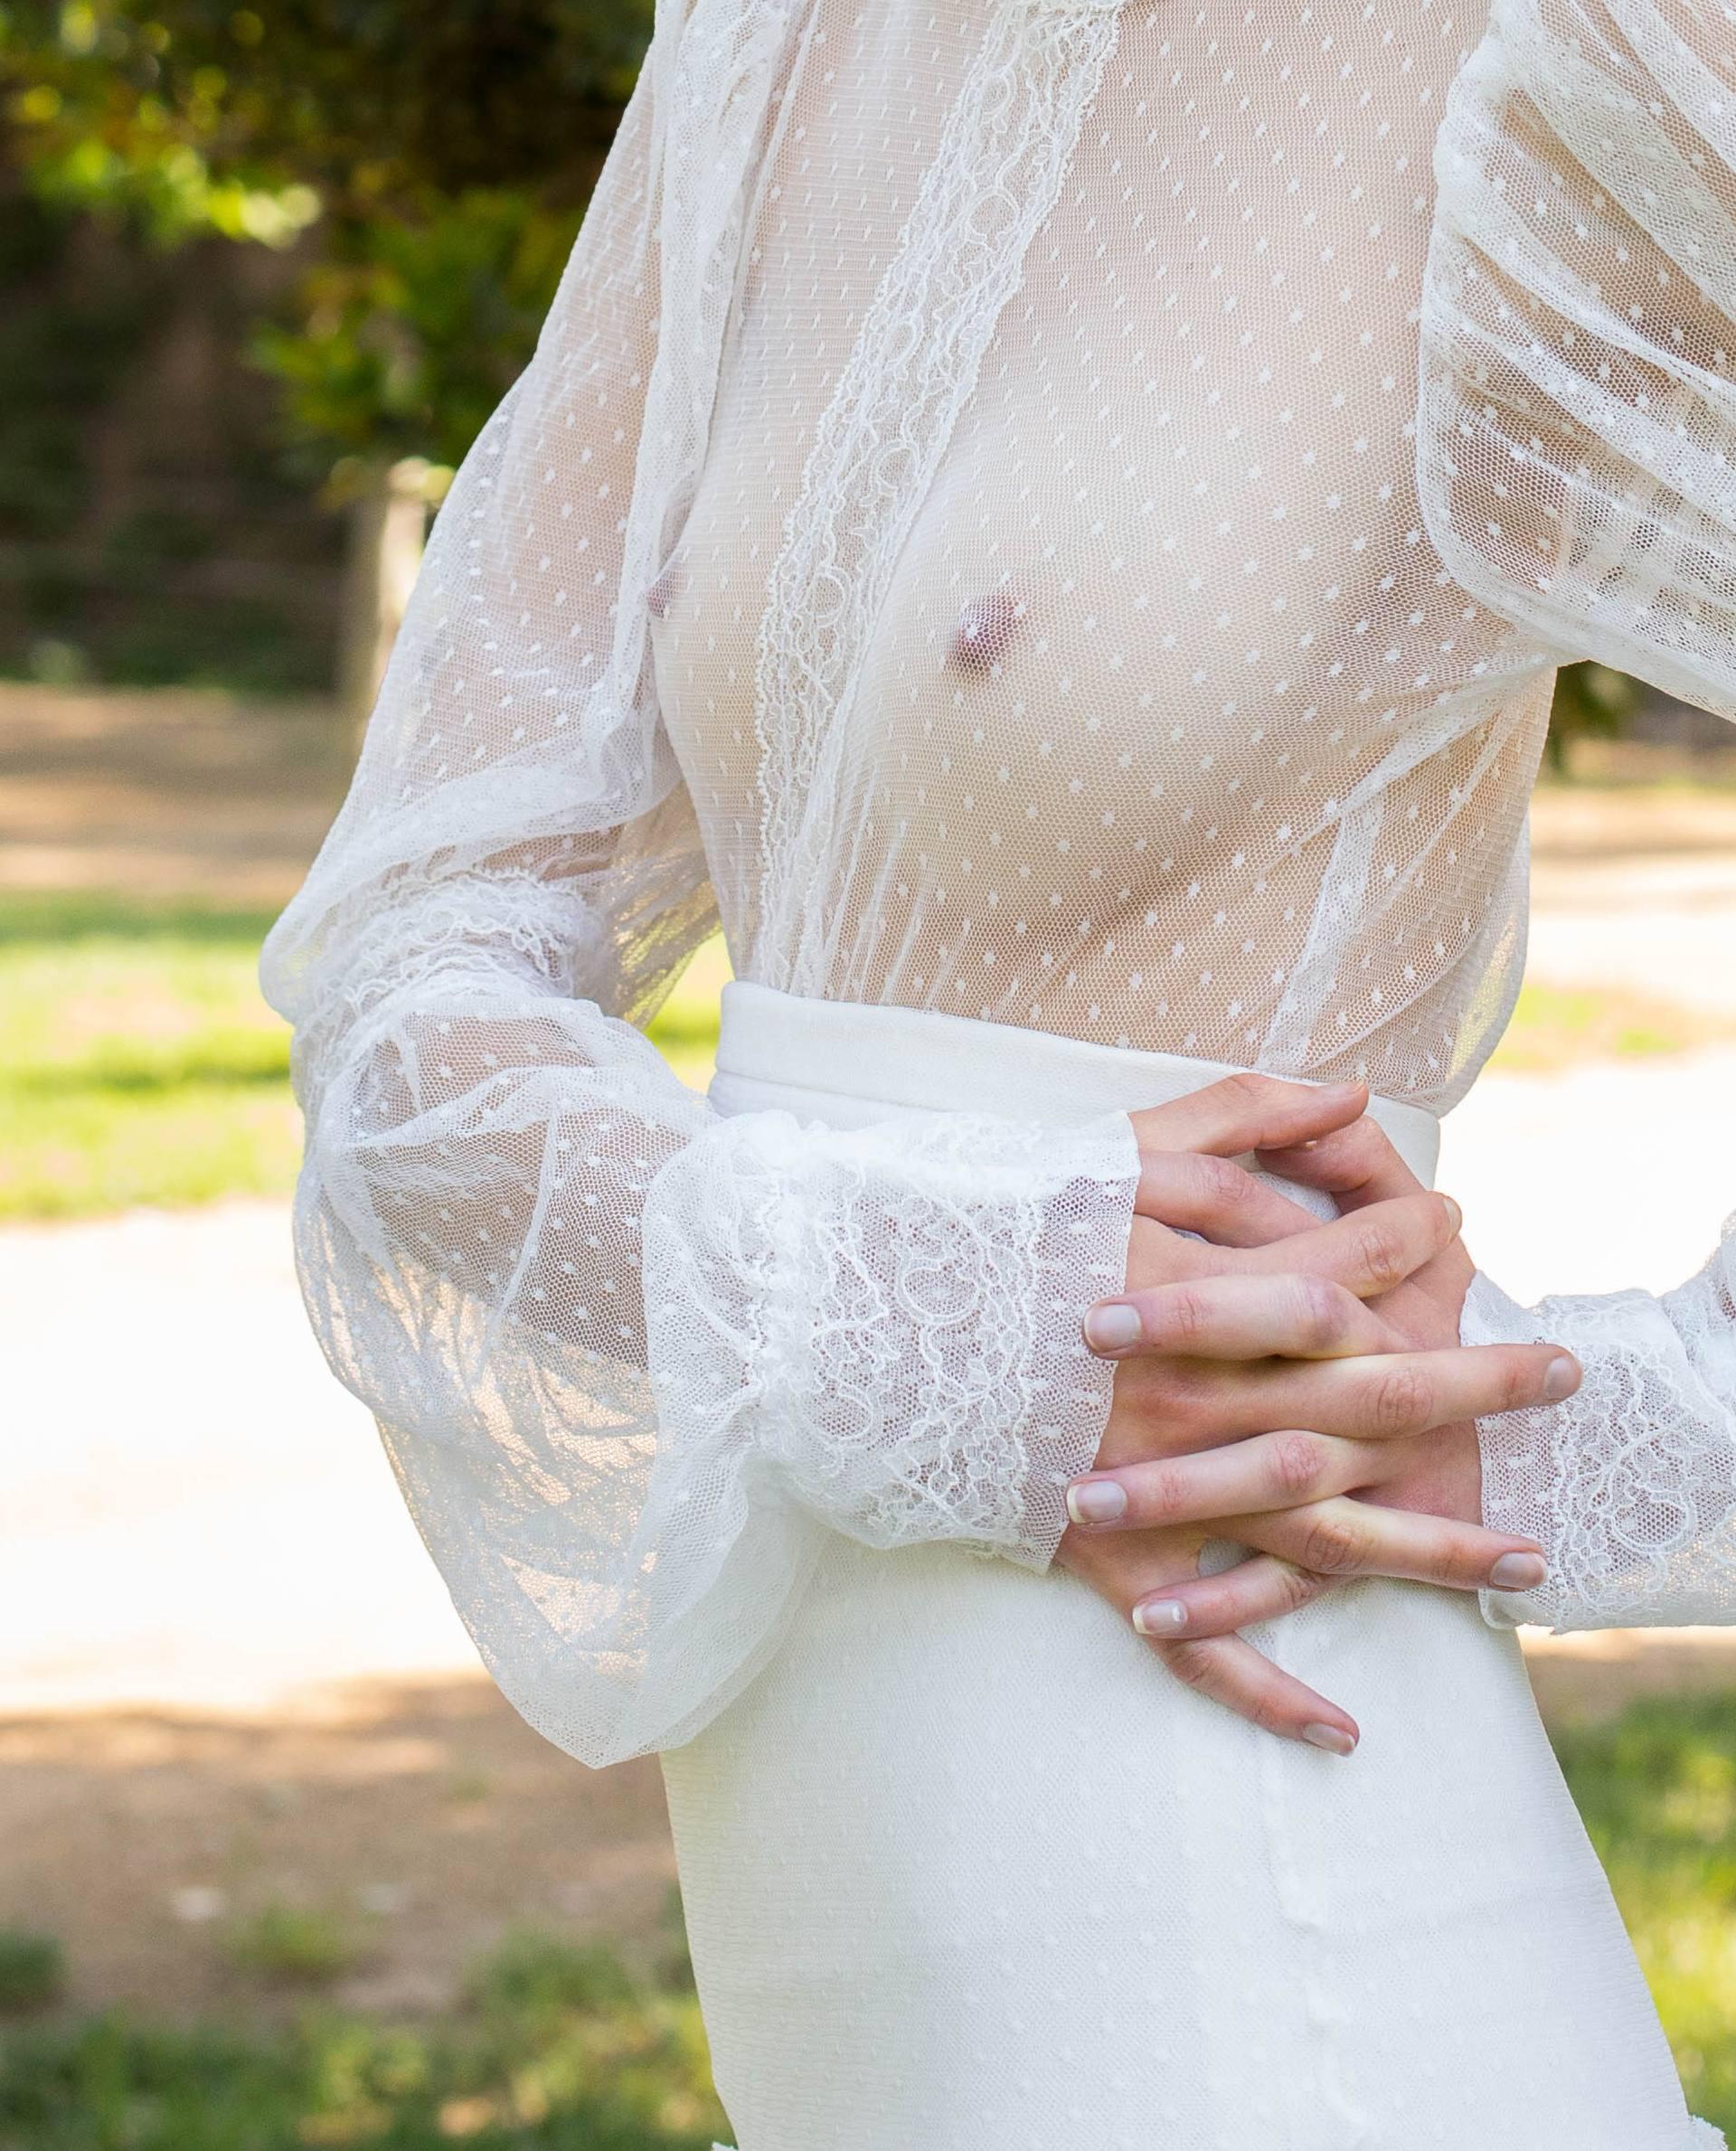 detalle blusa Victoria de plumeti con aplicaciones de encaje y mangas amplias